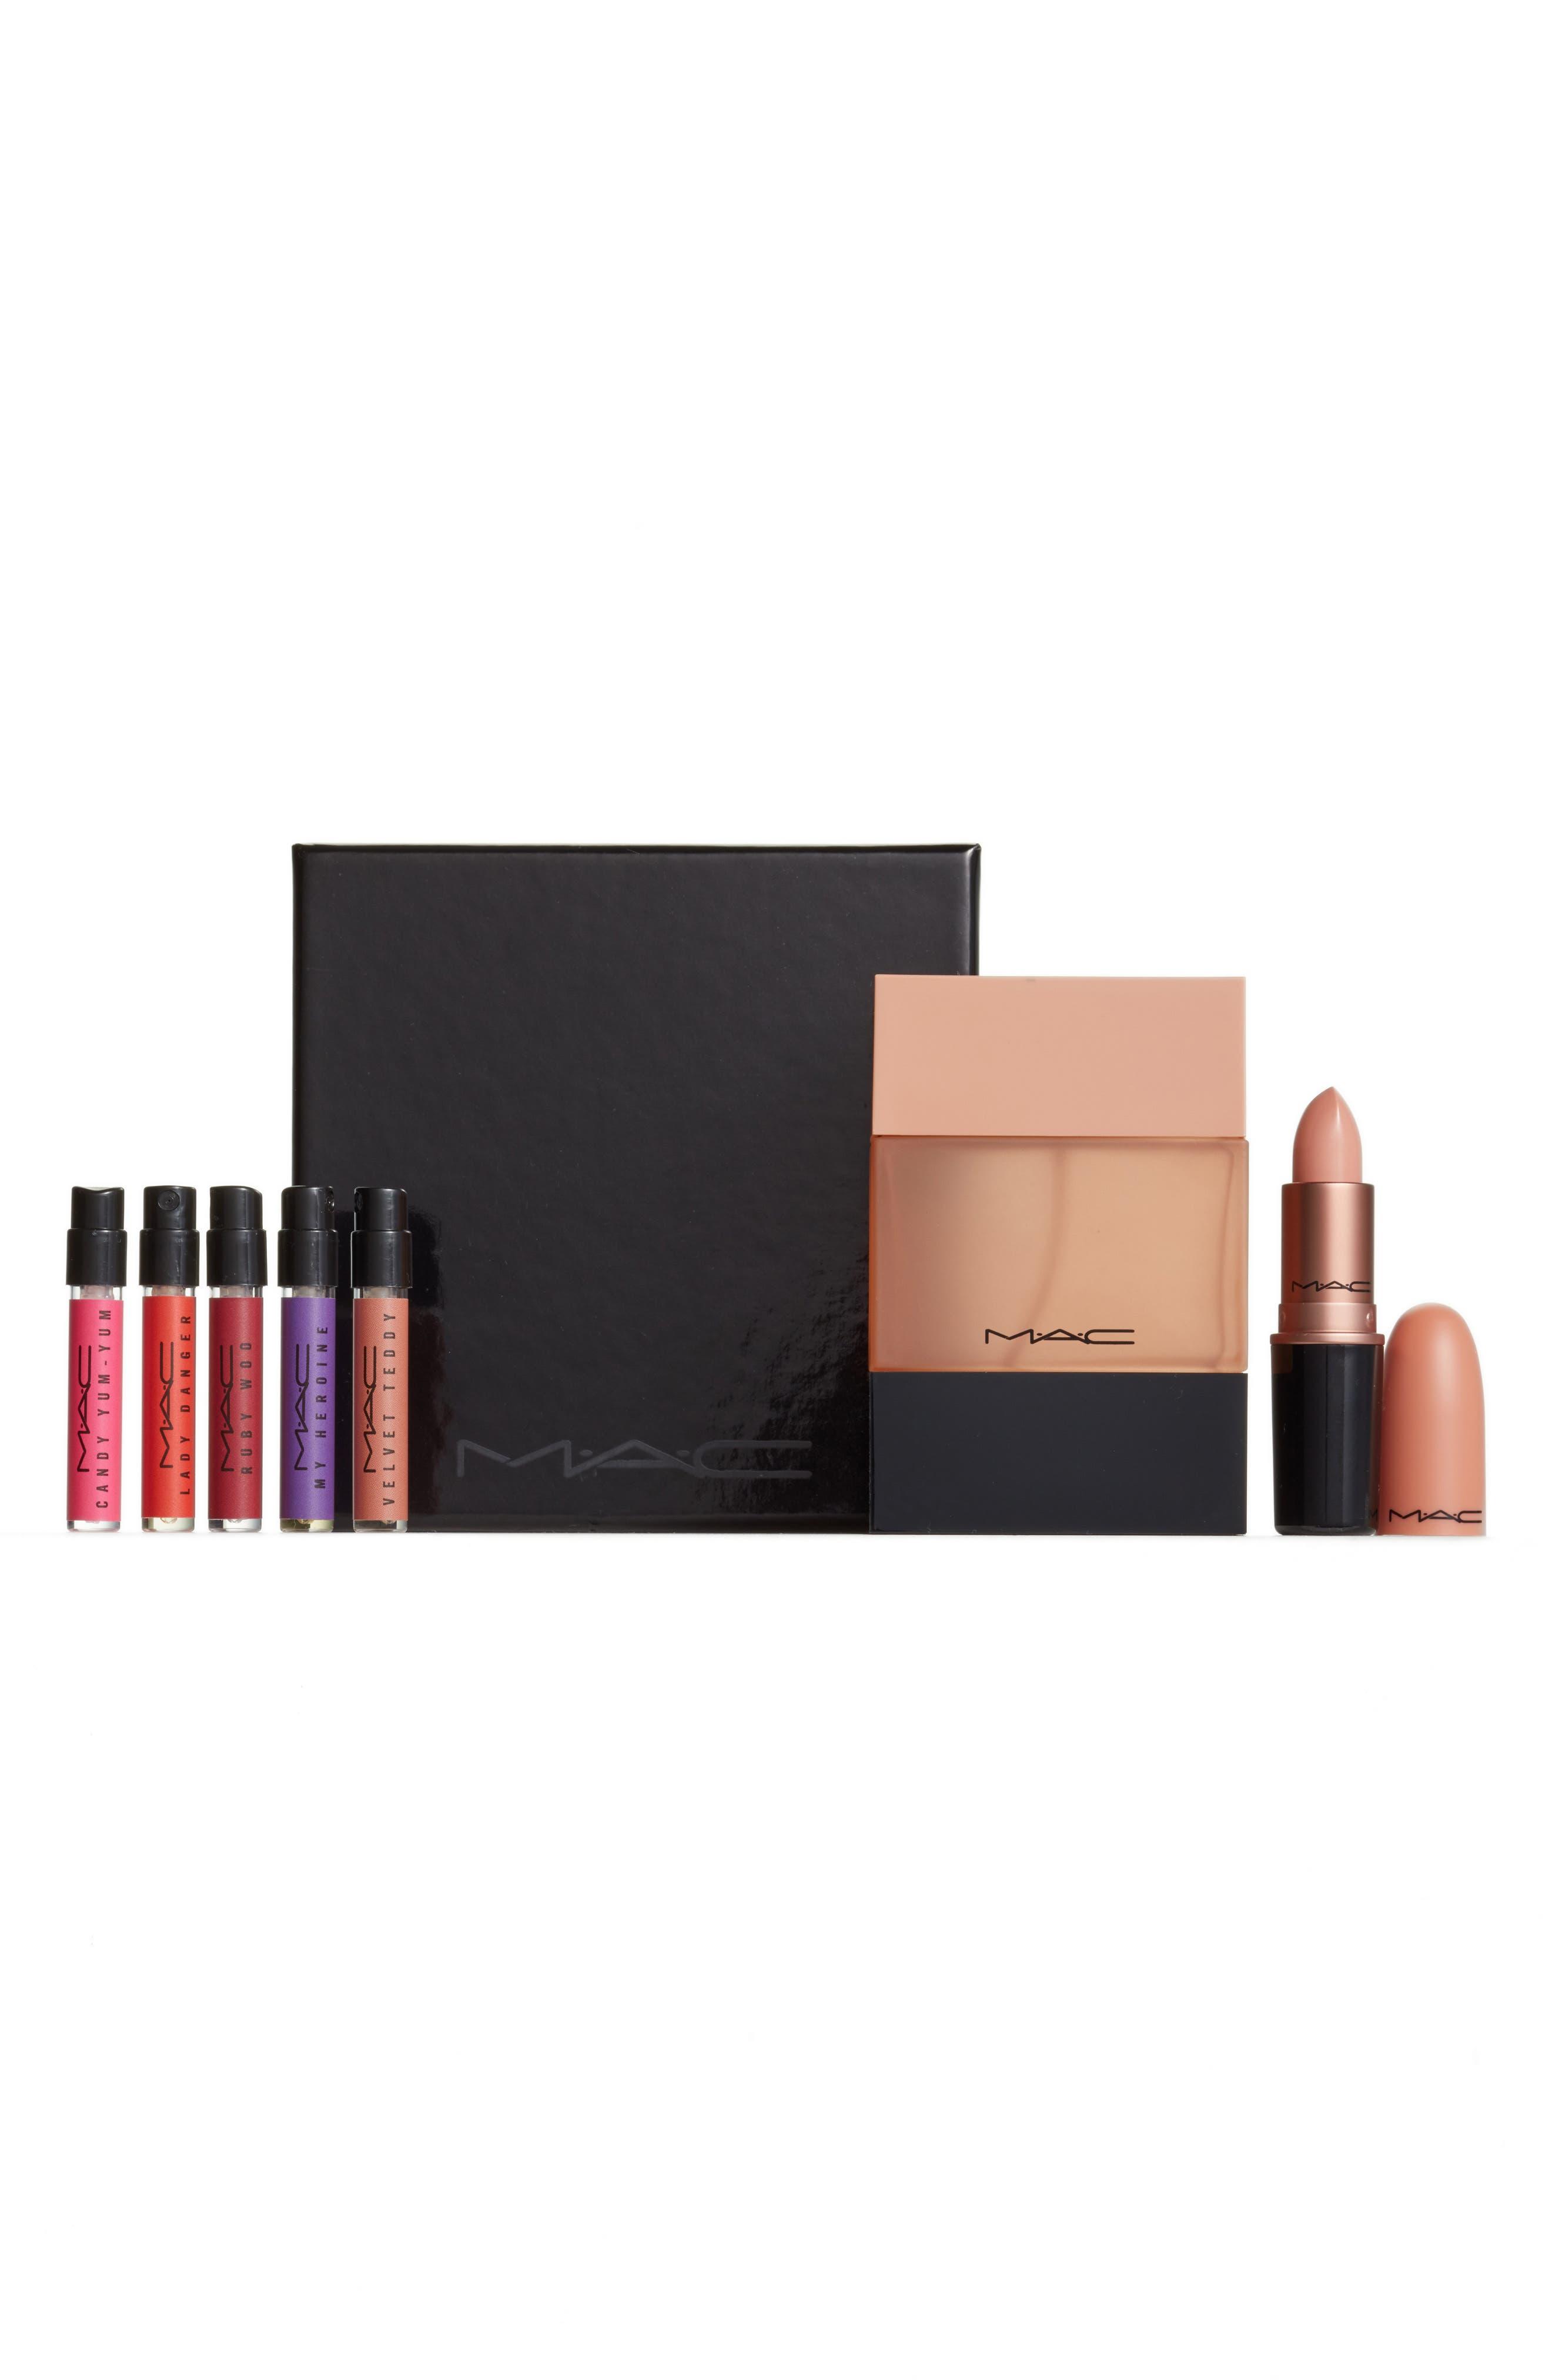 MAC Crème D'Nude Lipstick & Shadescent Fragrance Set